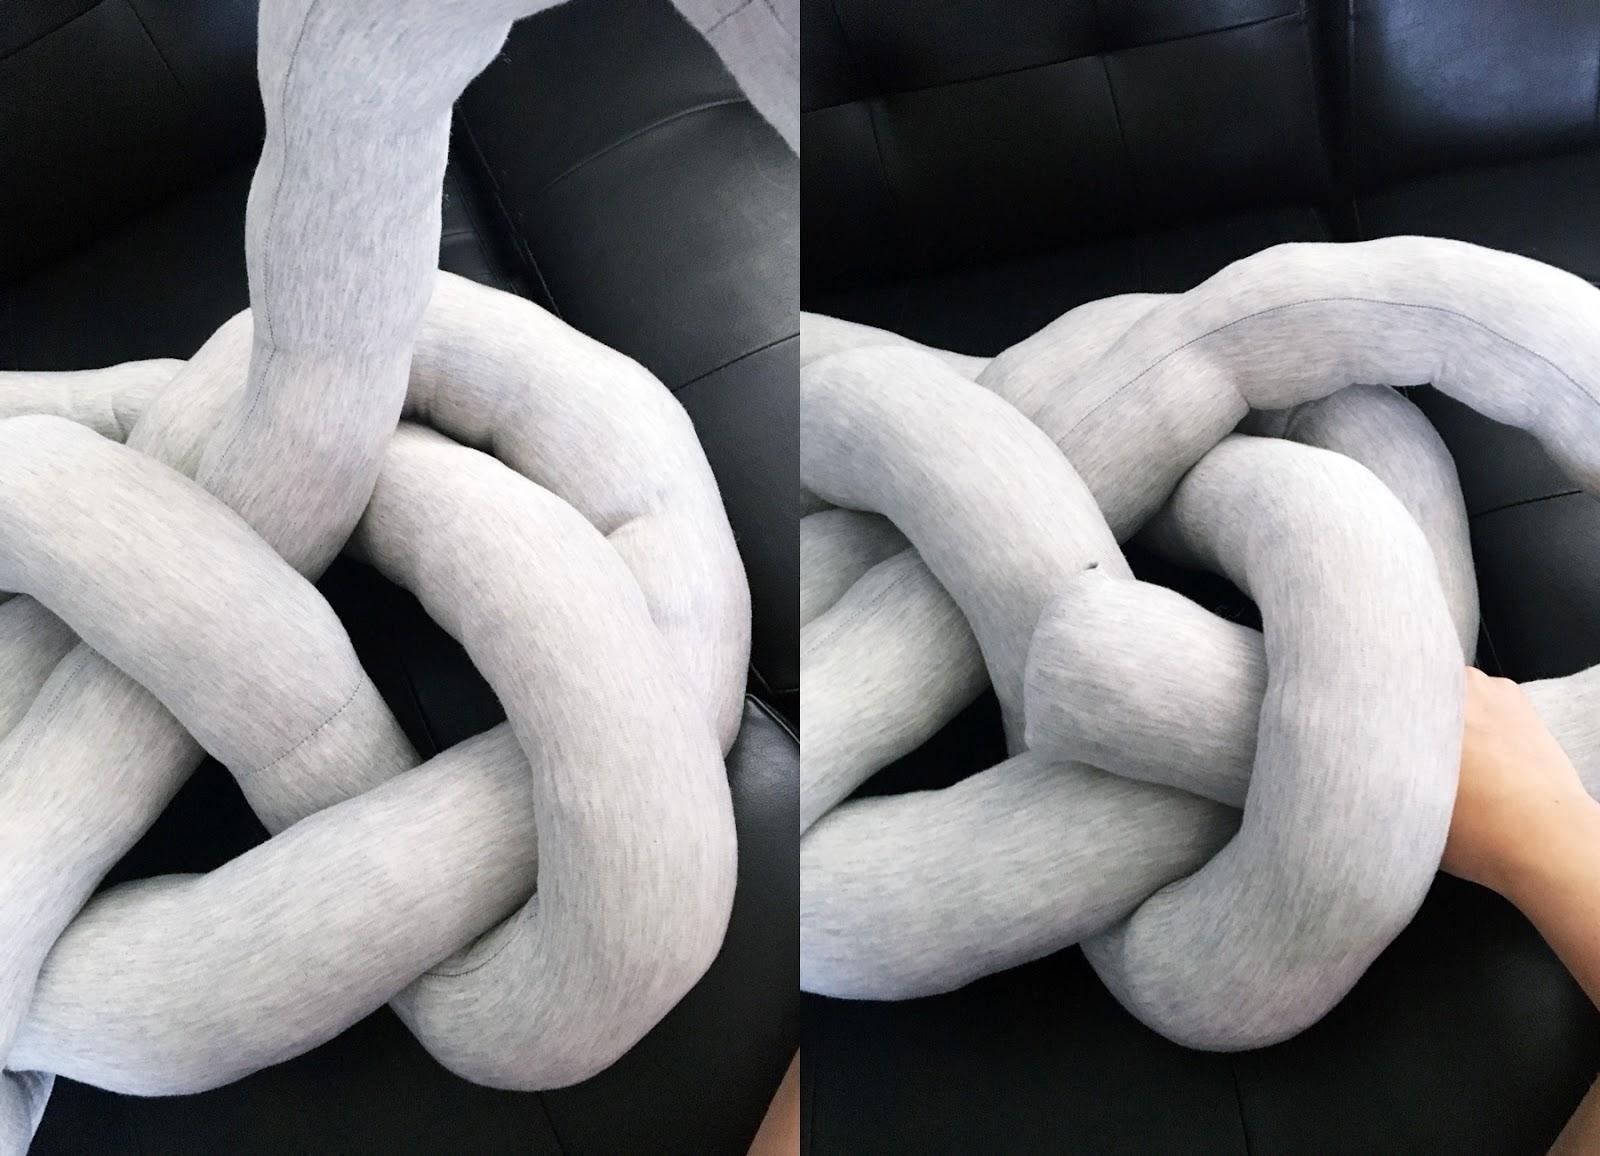 jak zrobić poduszkę węzeł